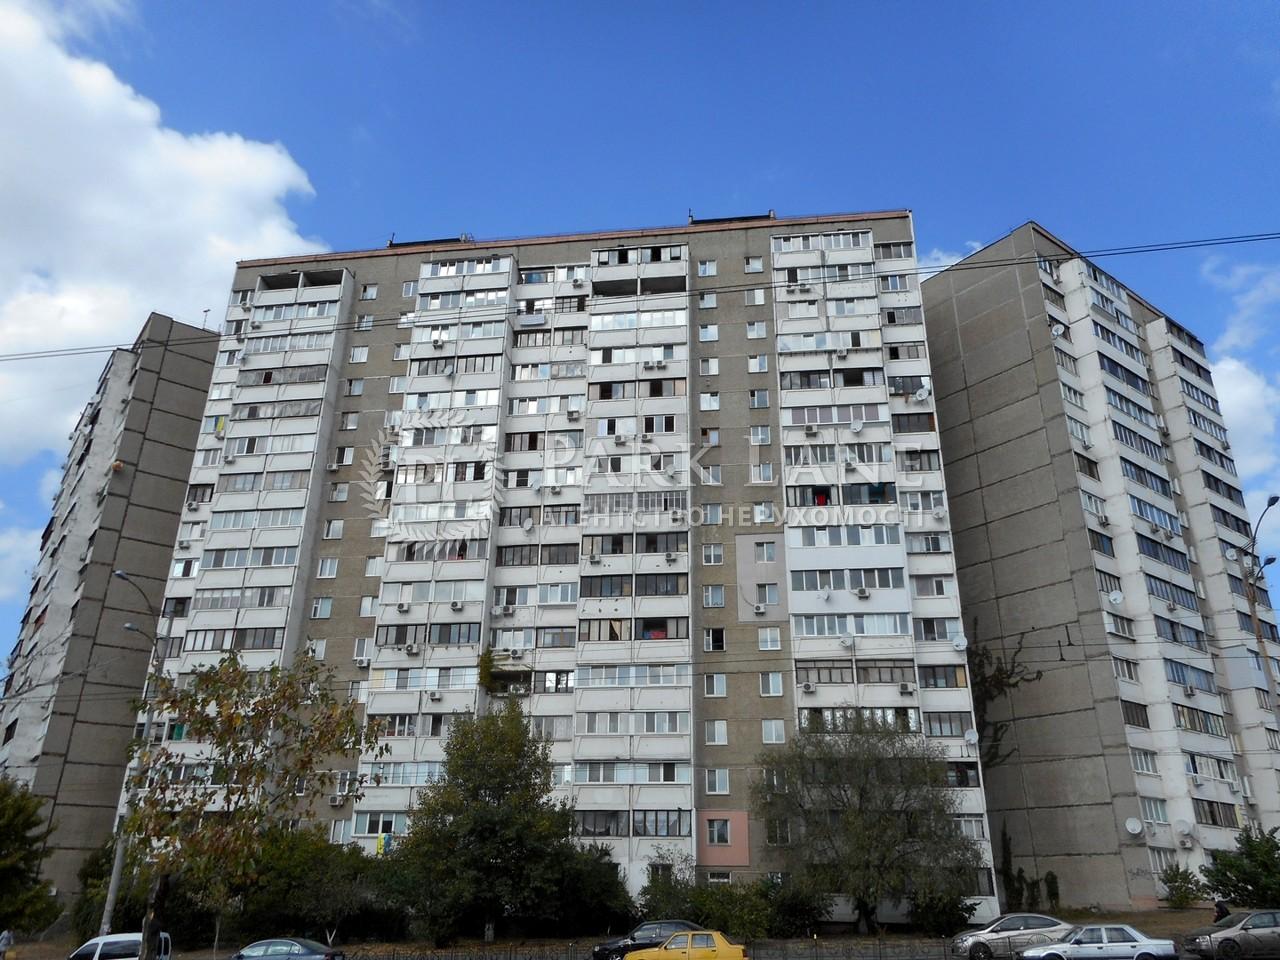 Квартира ул. Лисковская, 2/71, Киев, E-14093 - Фото 1